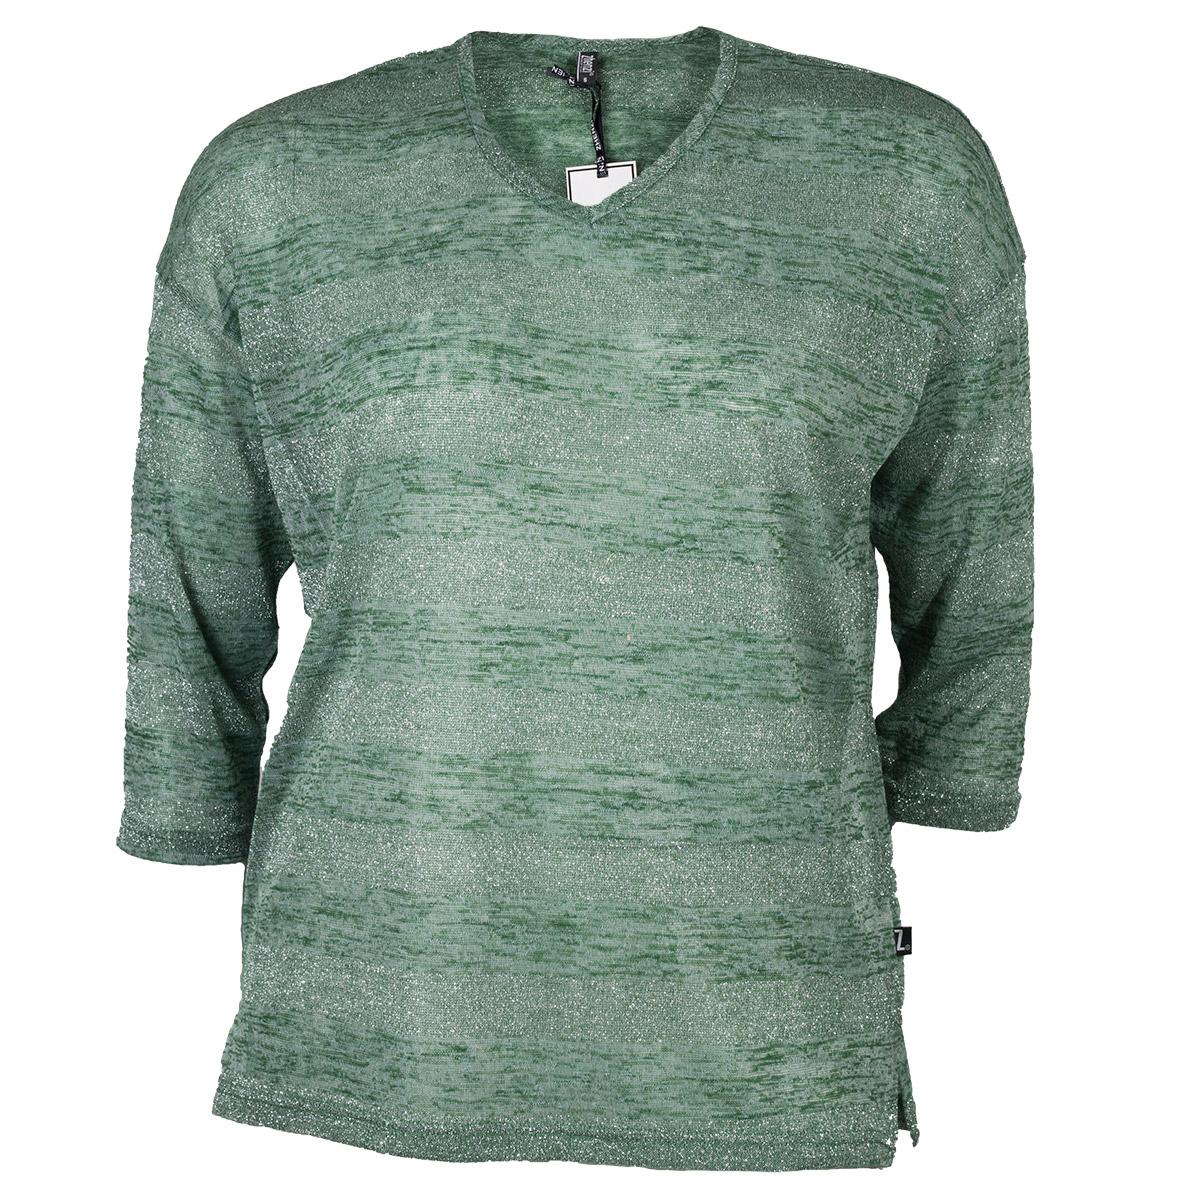 Sølv/ glimmer grøn strik bluse